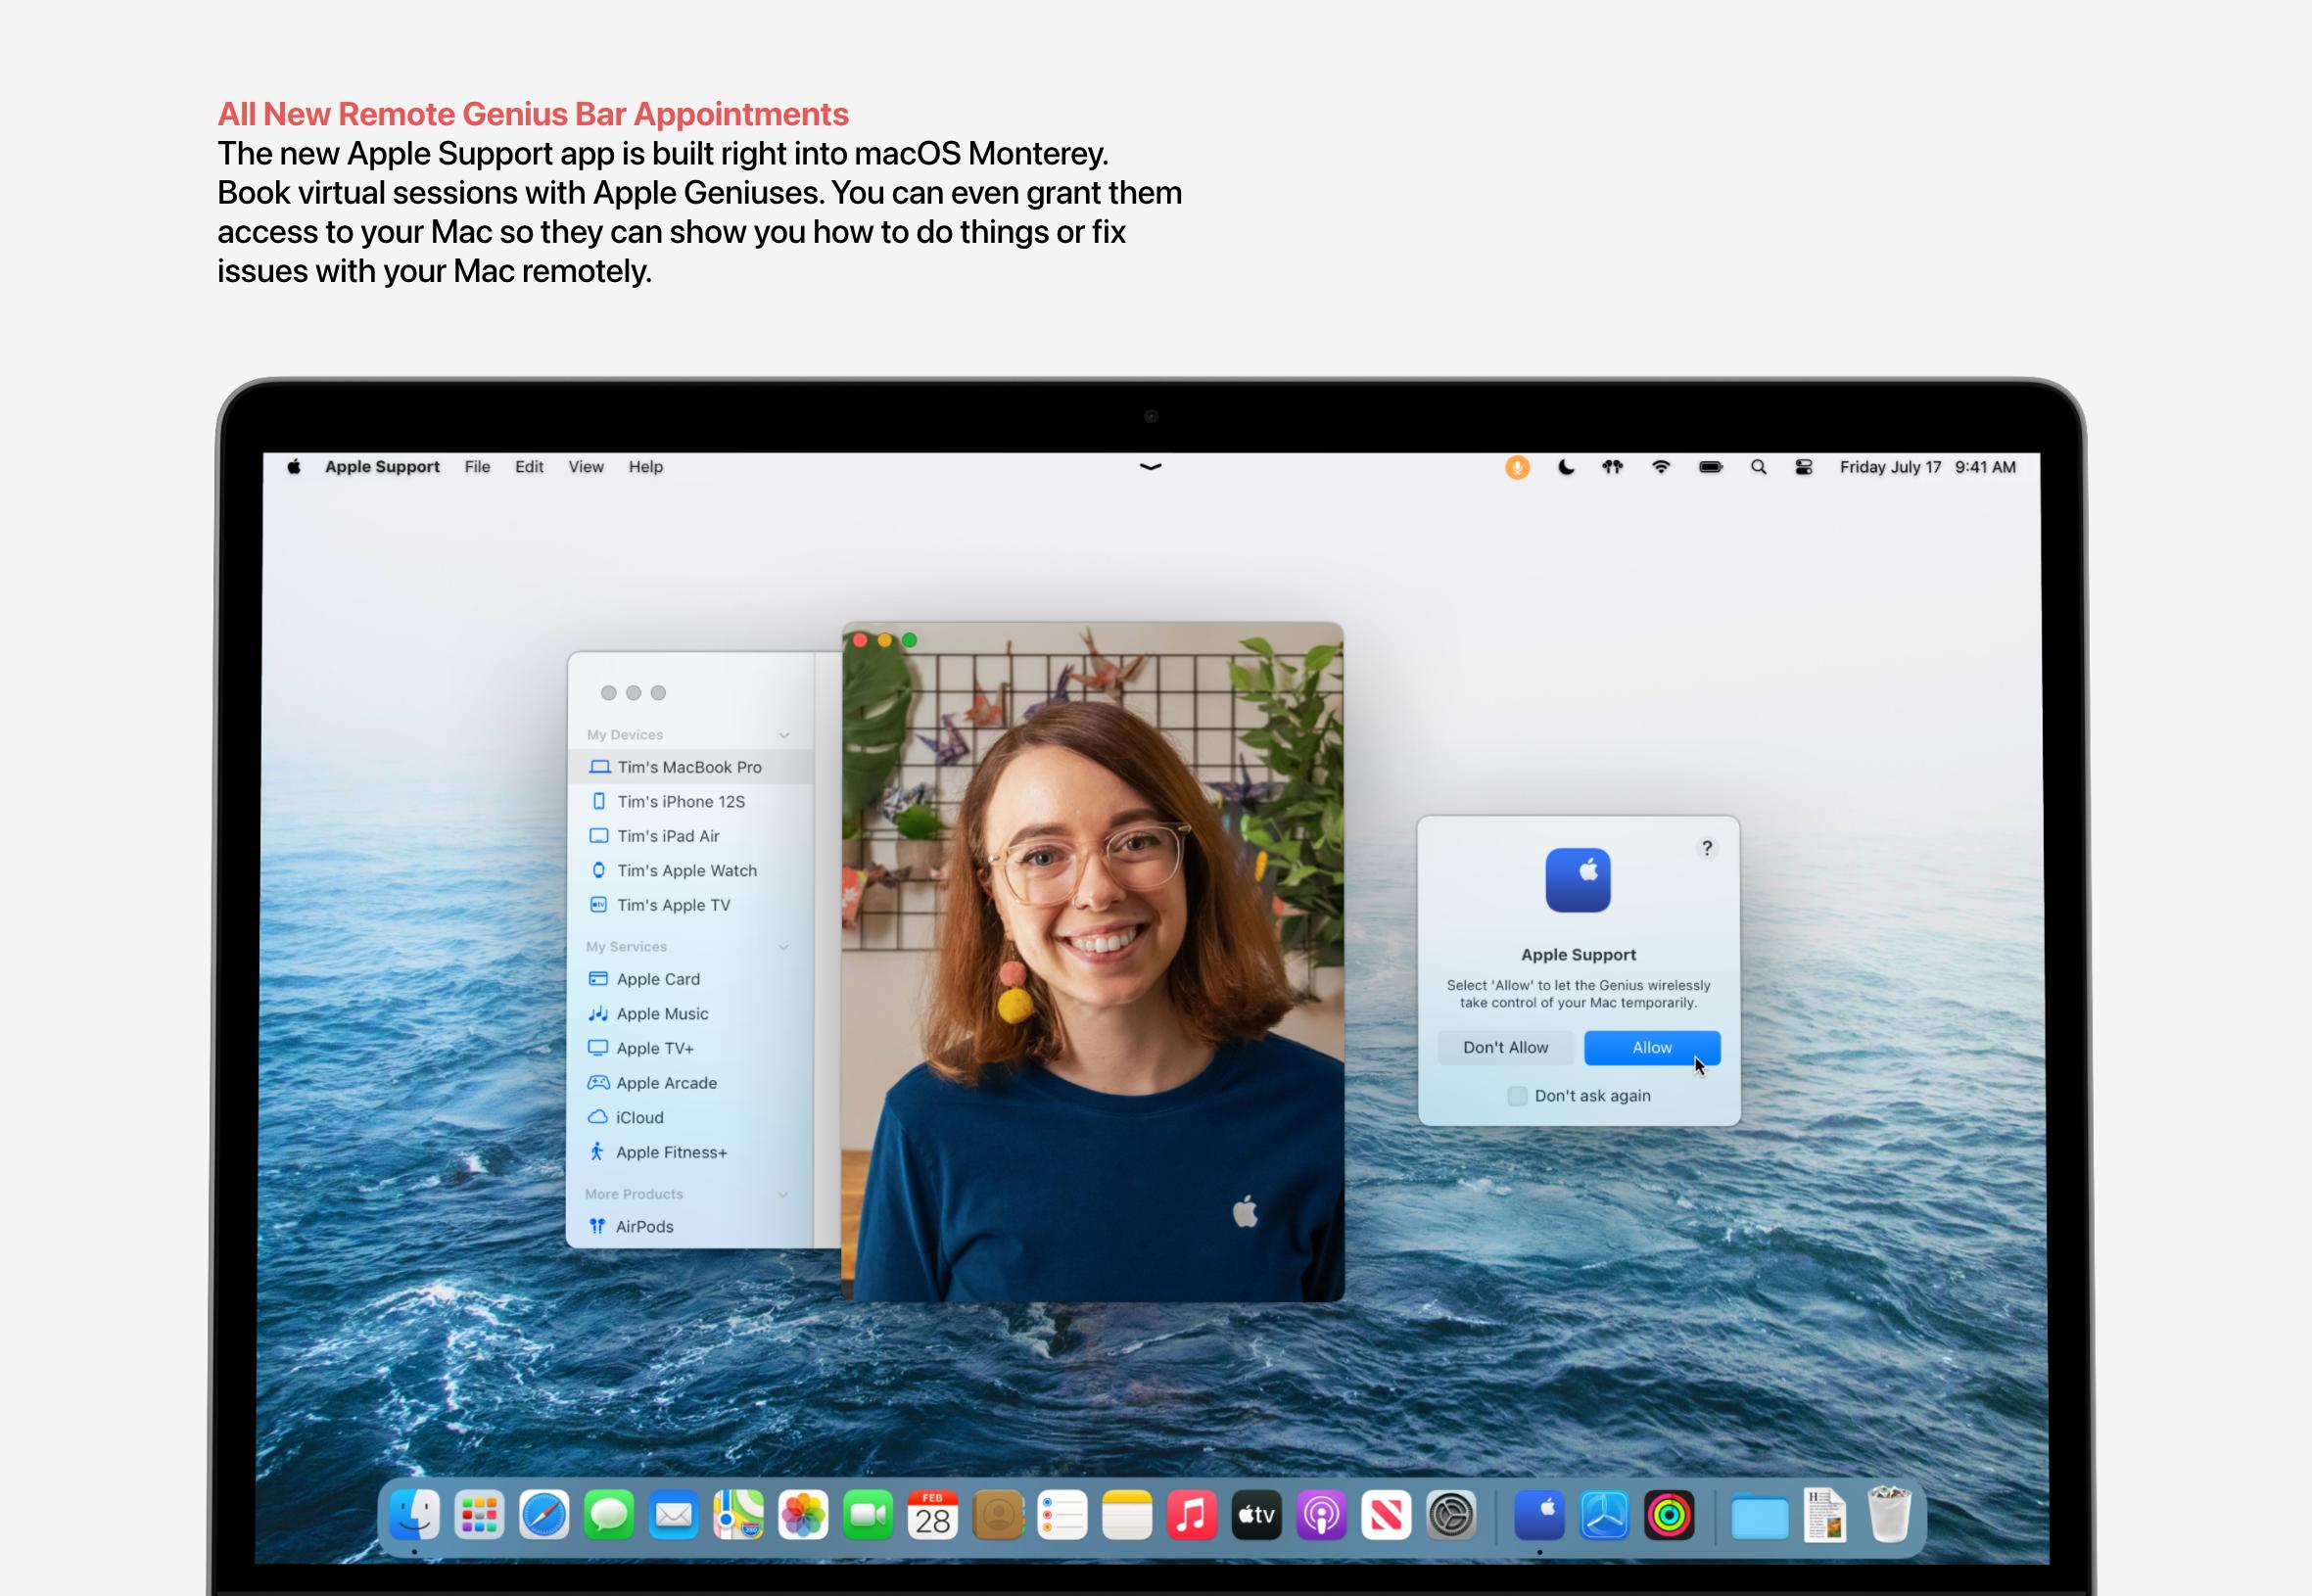 Aplicação Suporte no macOS Monterey